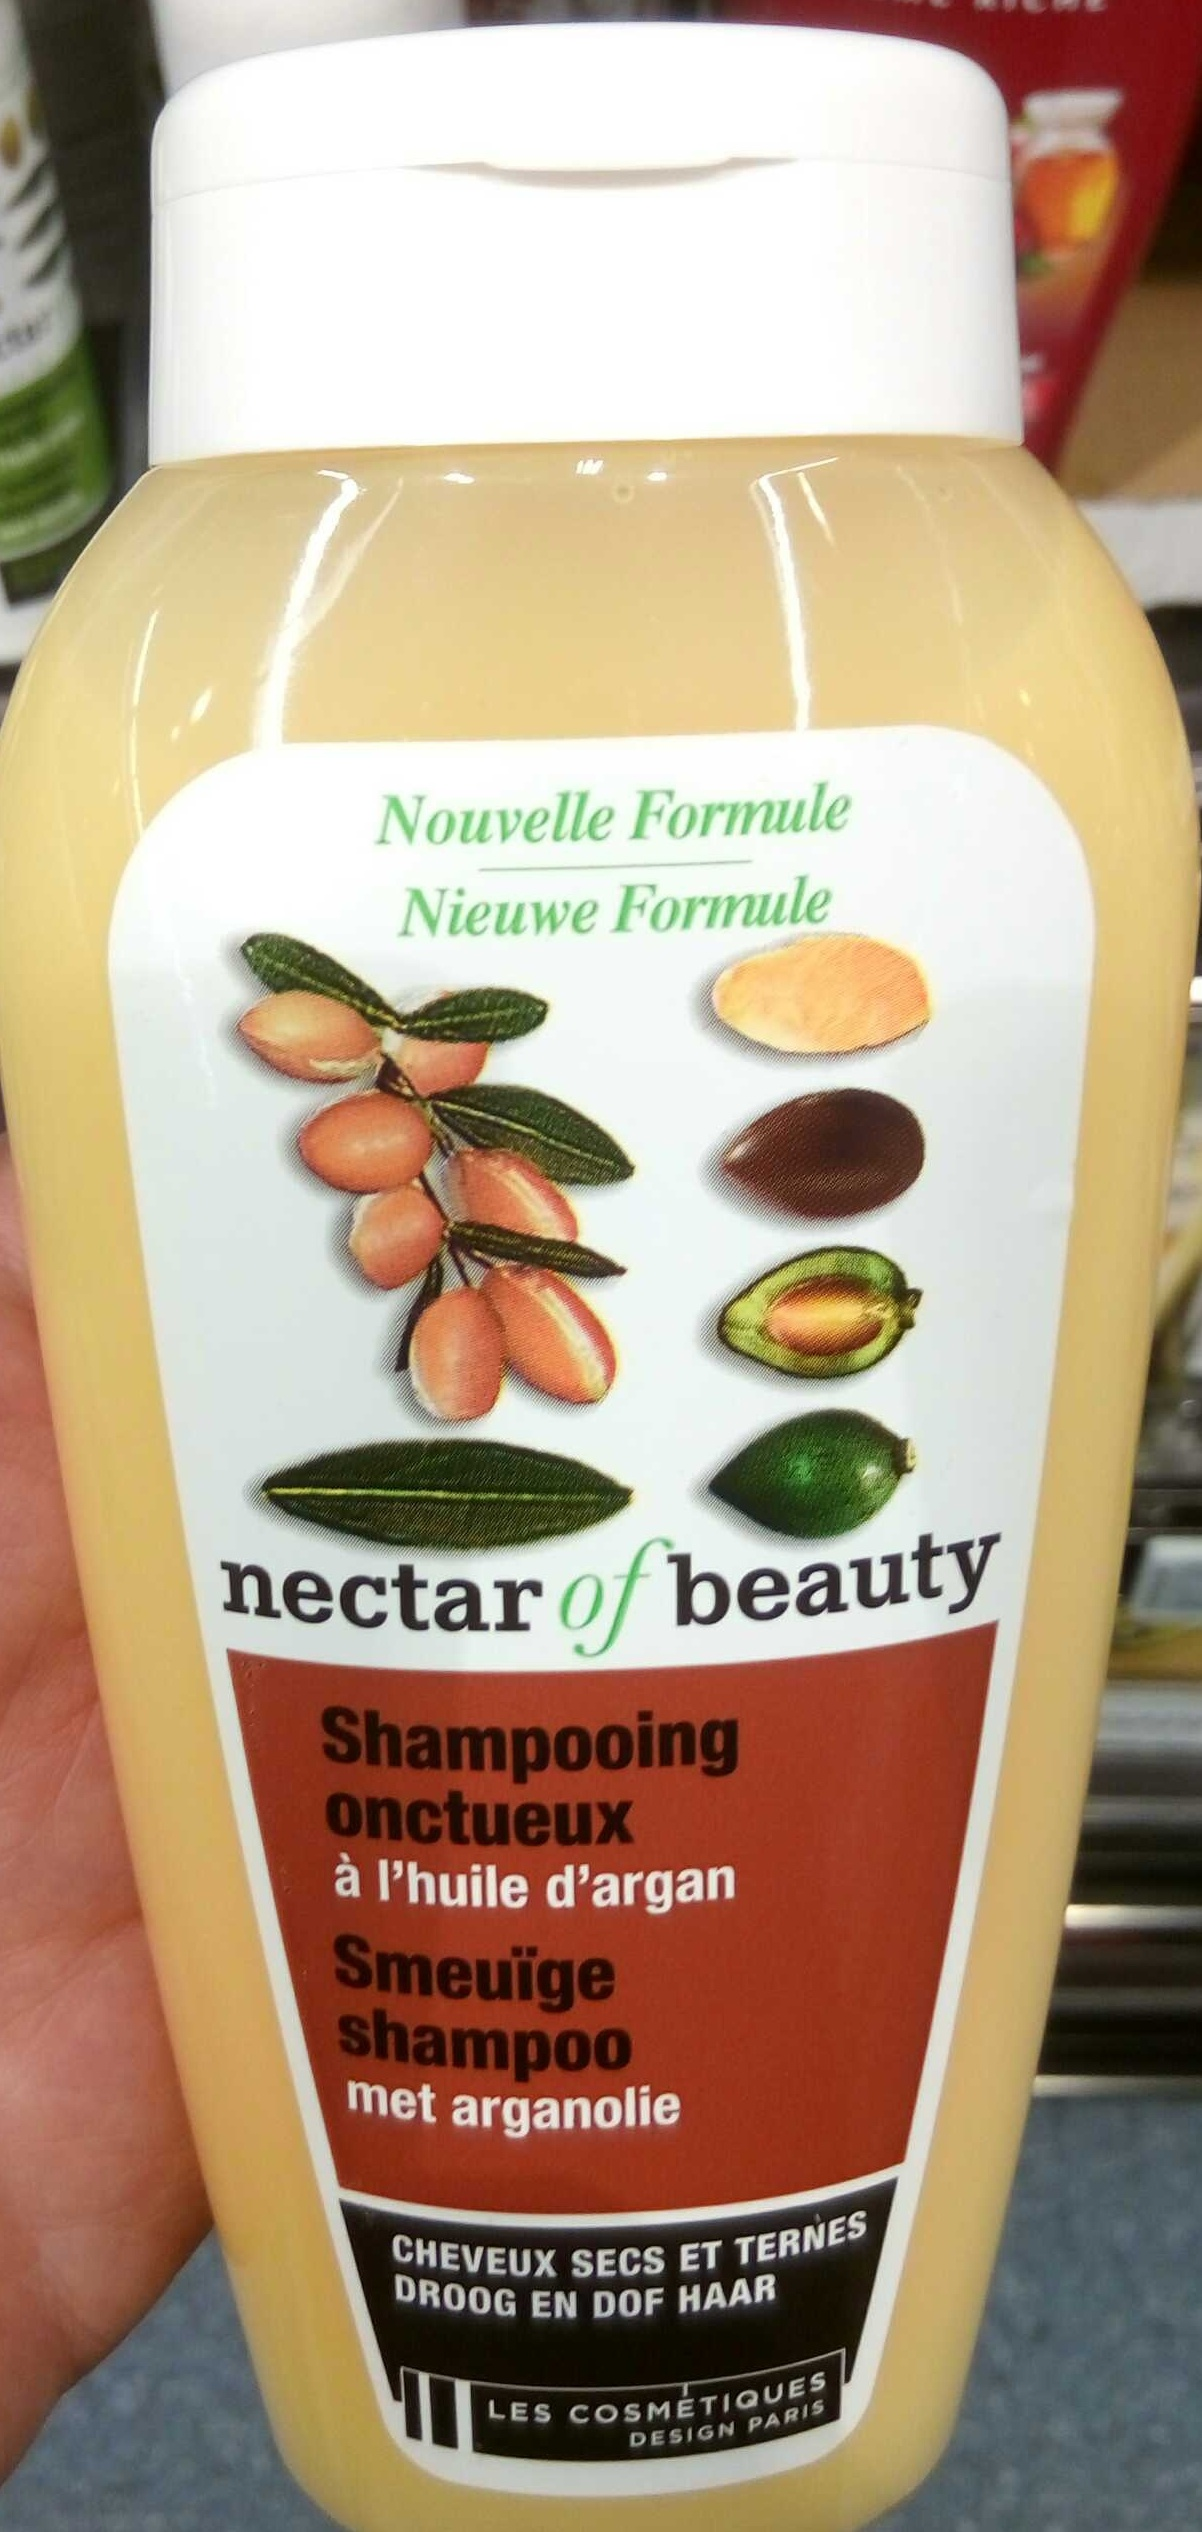 Shampooing onctueux à l'huile d'argan - Product